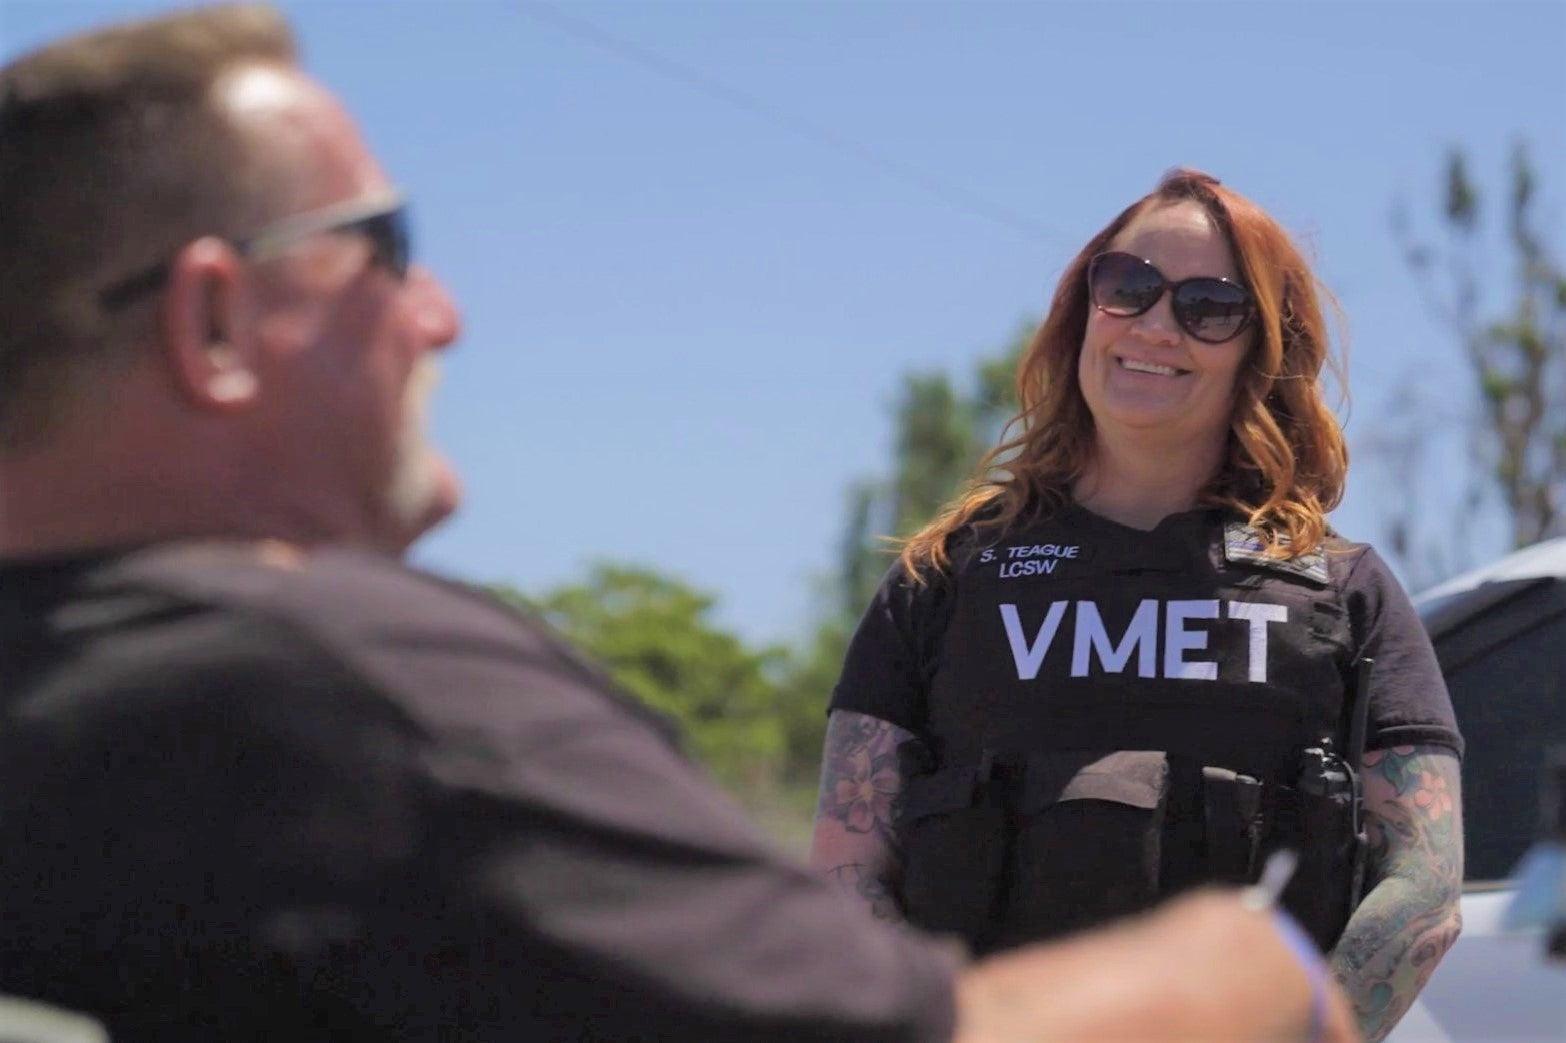 VMET health workers